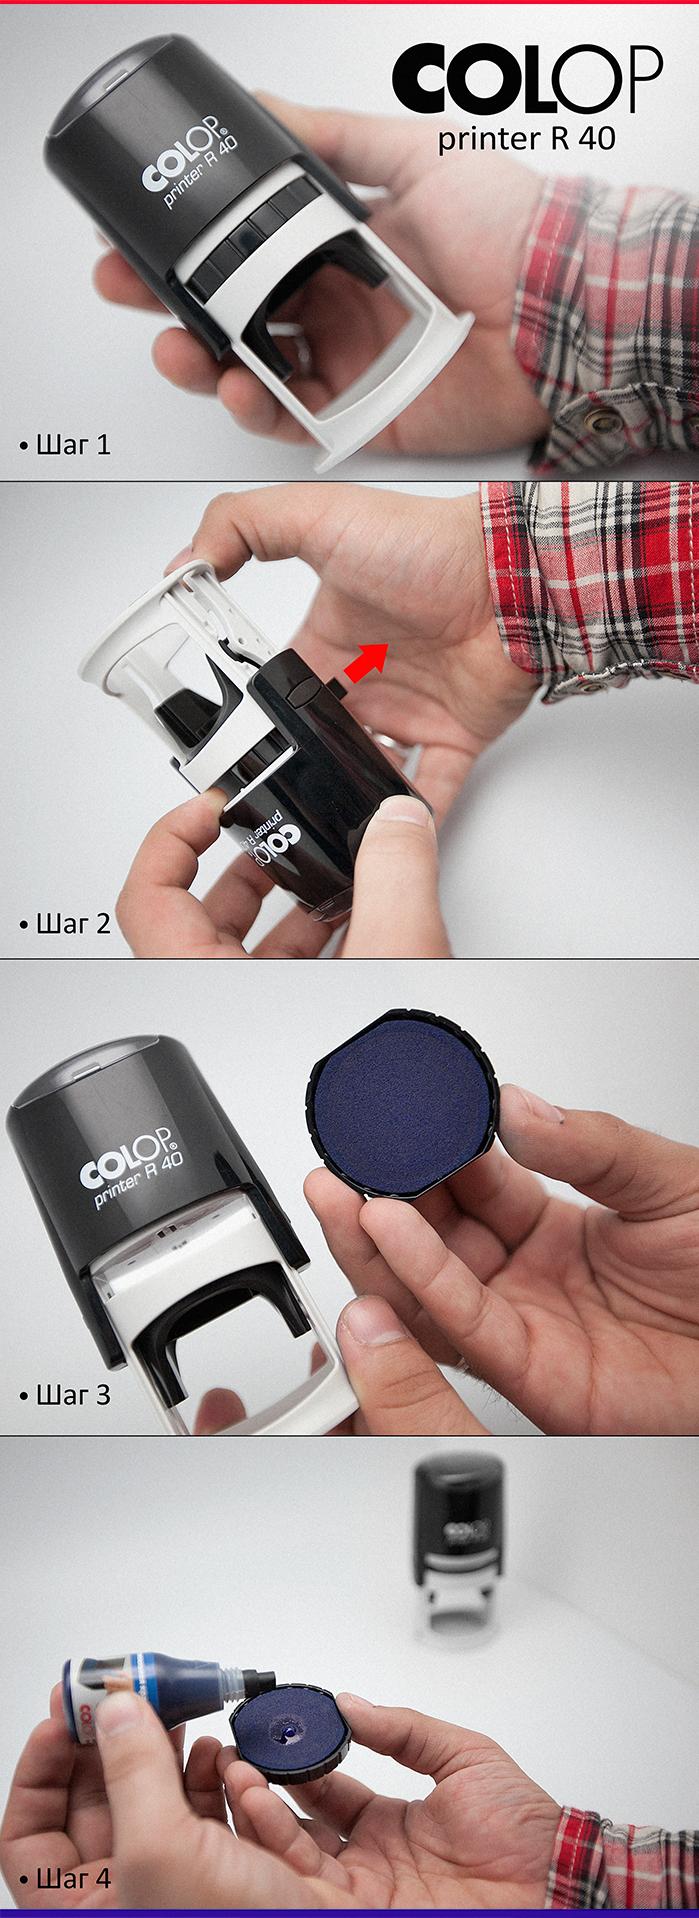 как разобрать оснастку для печати colop printer r40